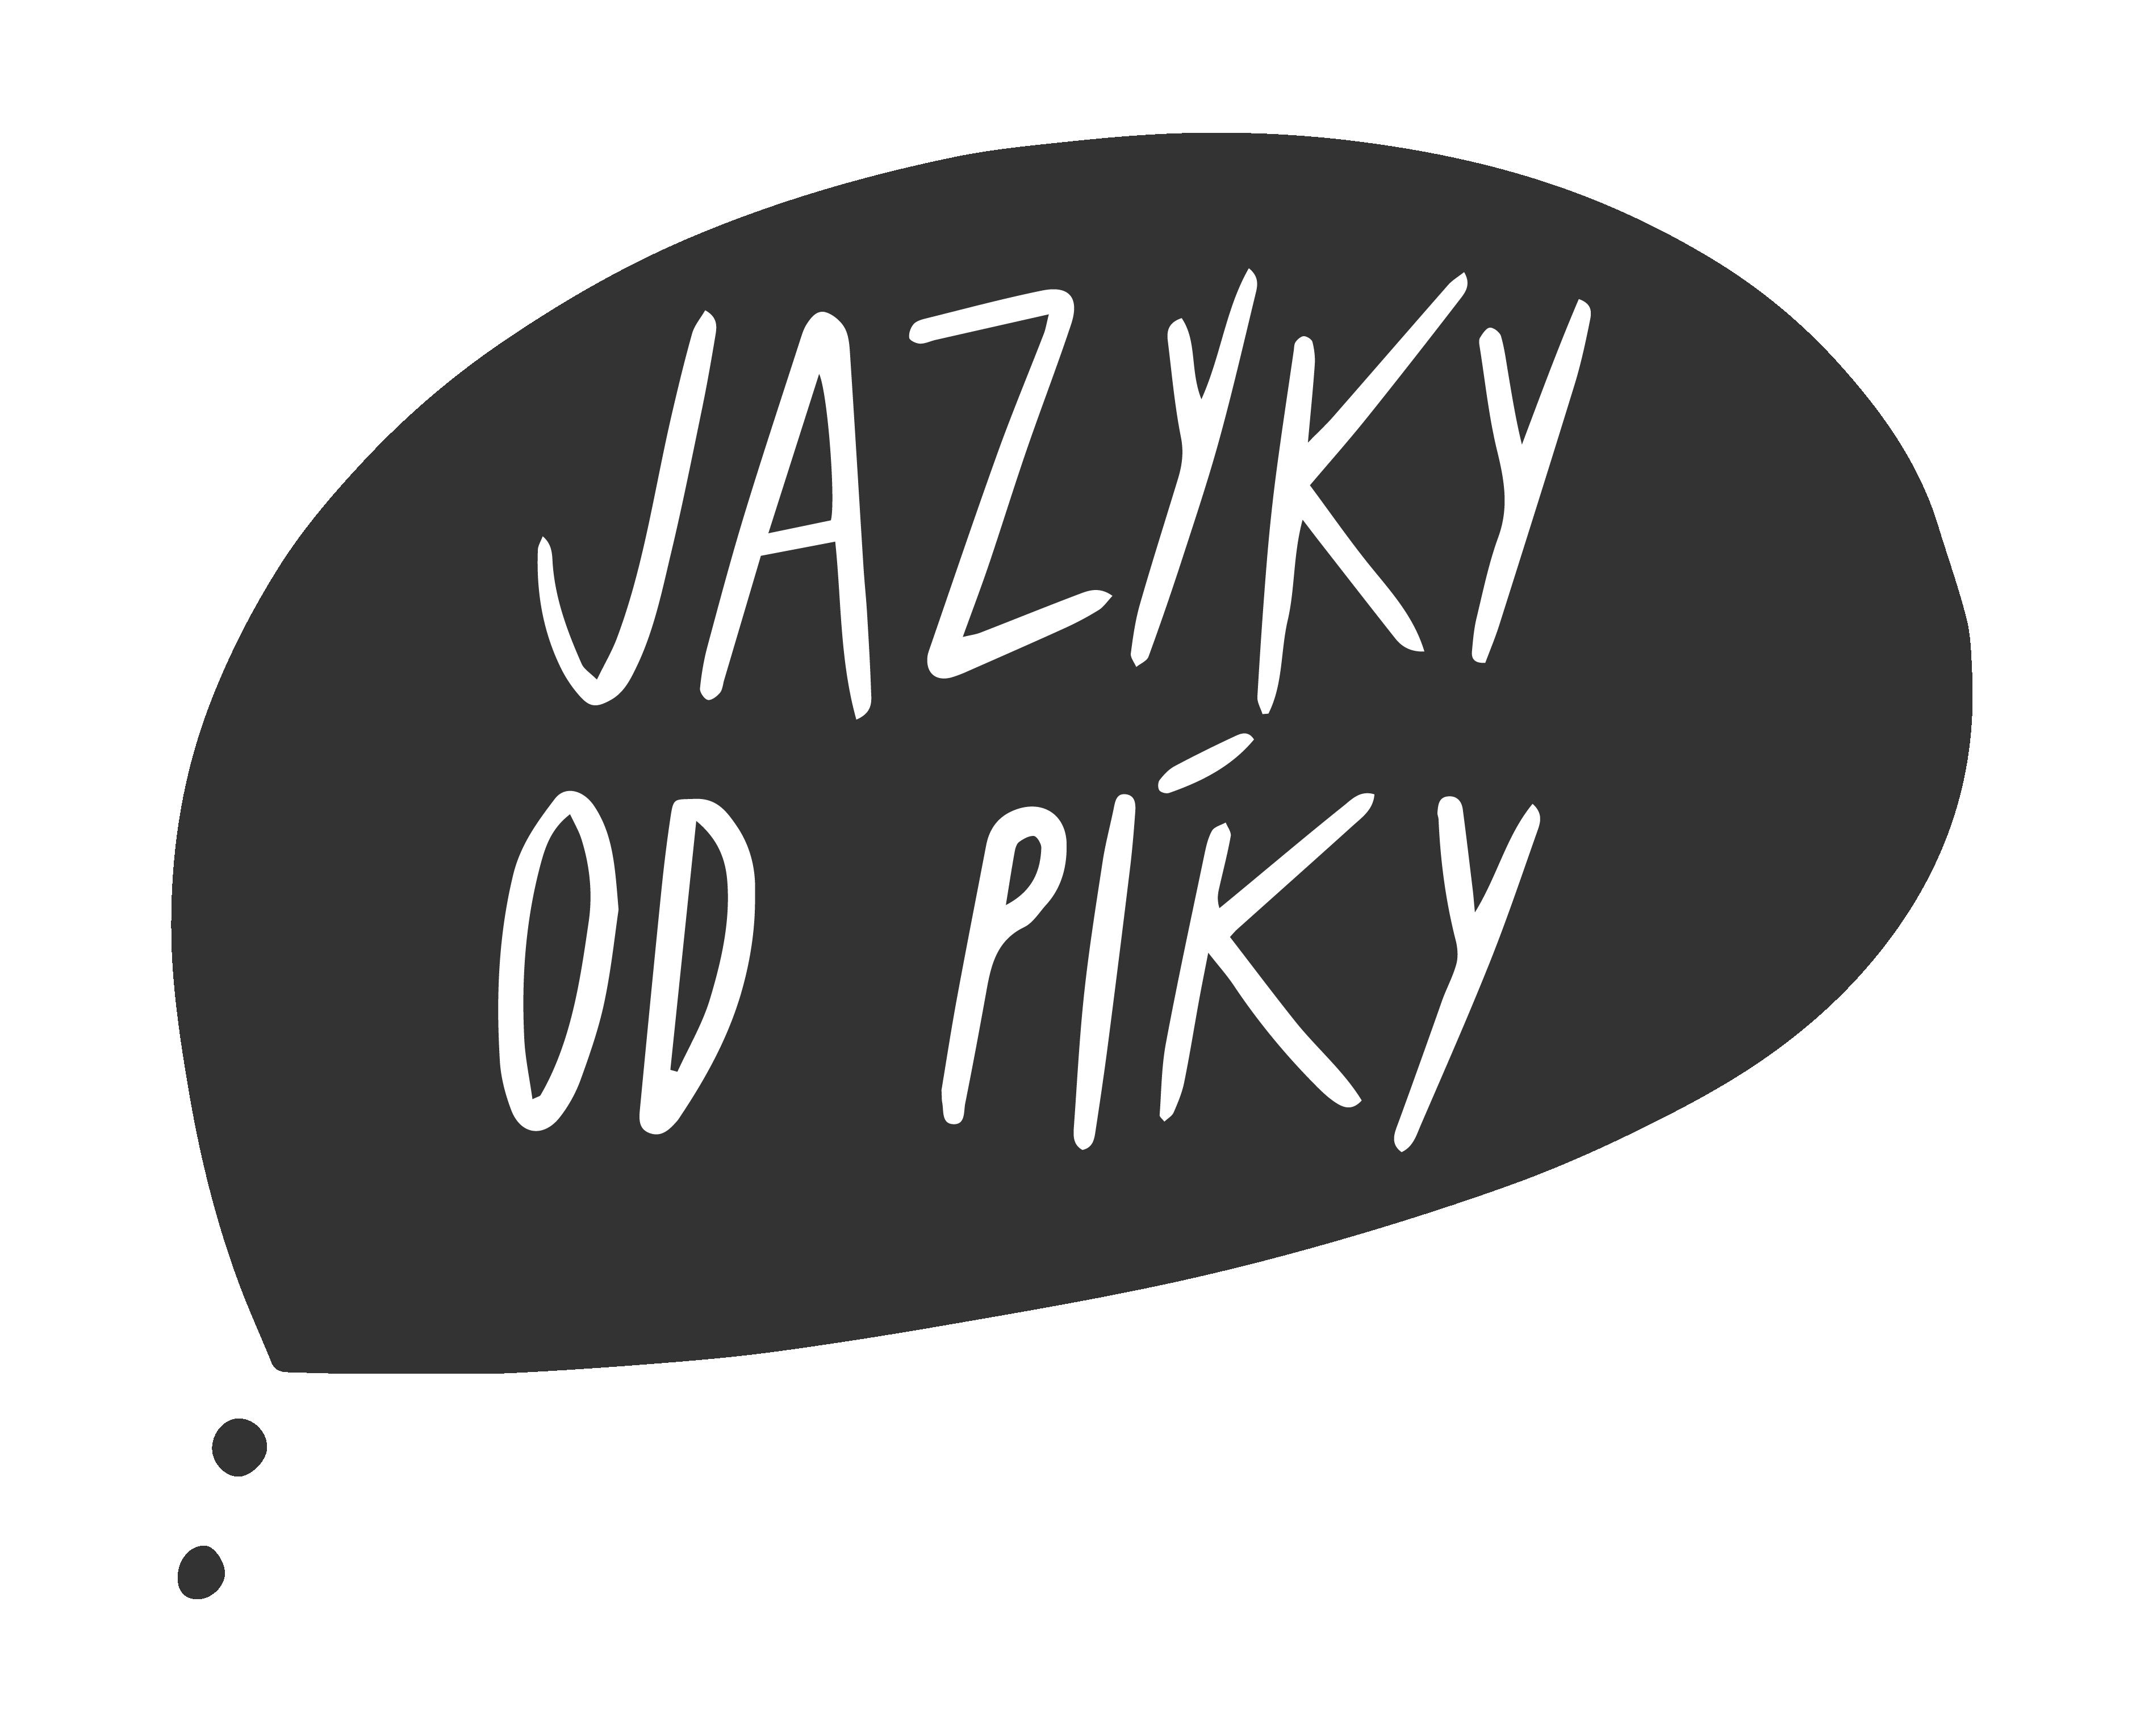 jazykyodpiky.cz